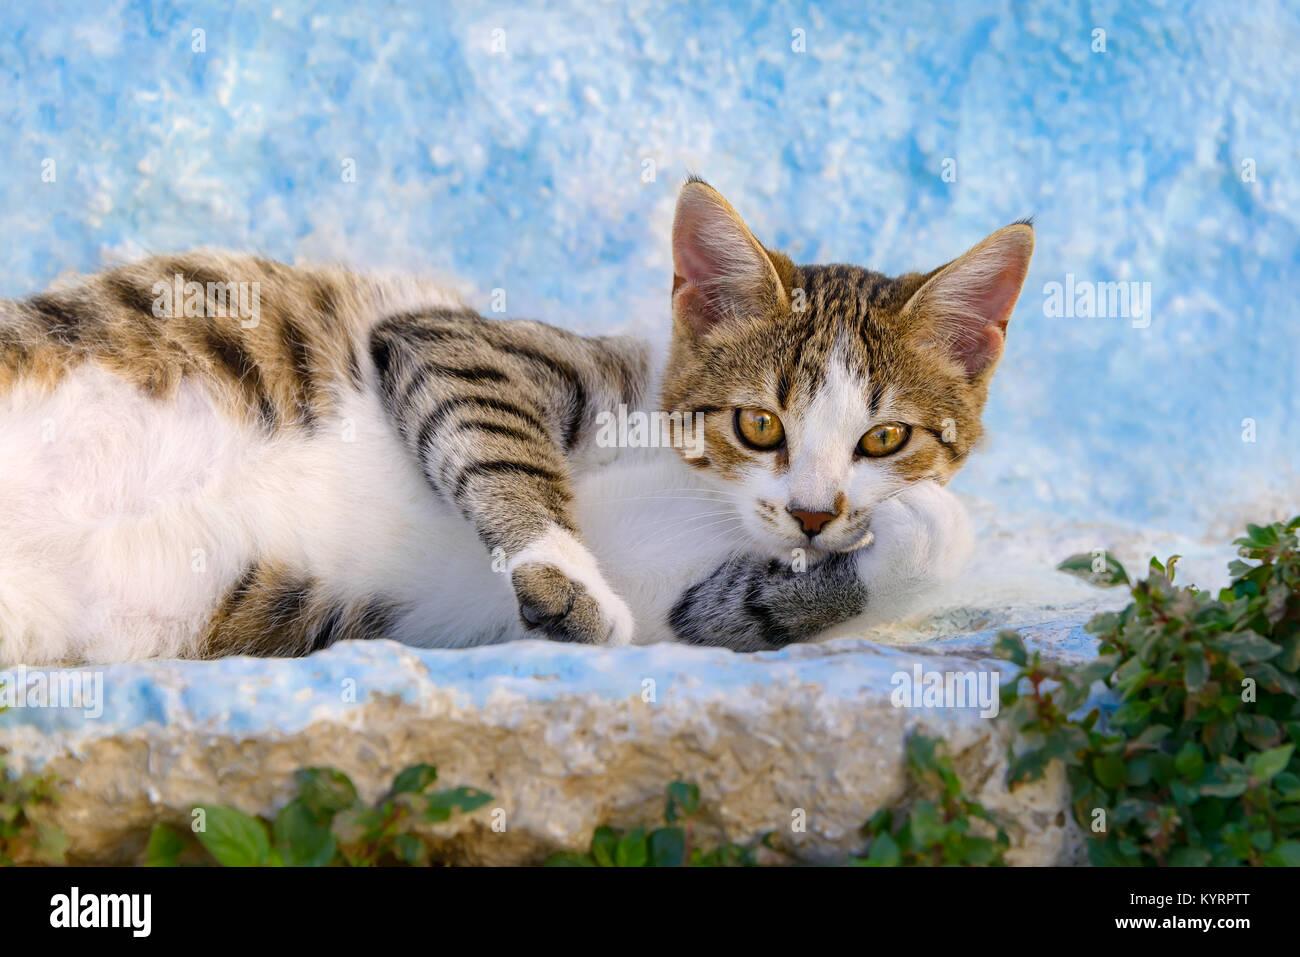 Un chat mignon chaton, brown mackerel tabby avec blanc, reposant sur un paresseux bleu blanc mur, île grecque du Dodécanèse, Rhodes, Grèce, Europe Banque D'Images